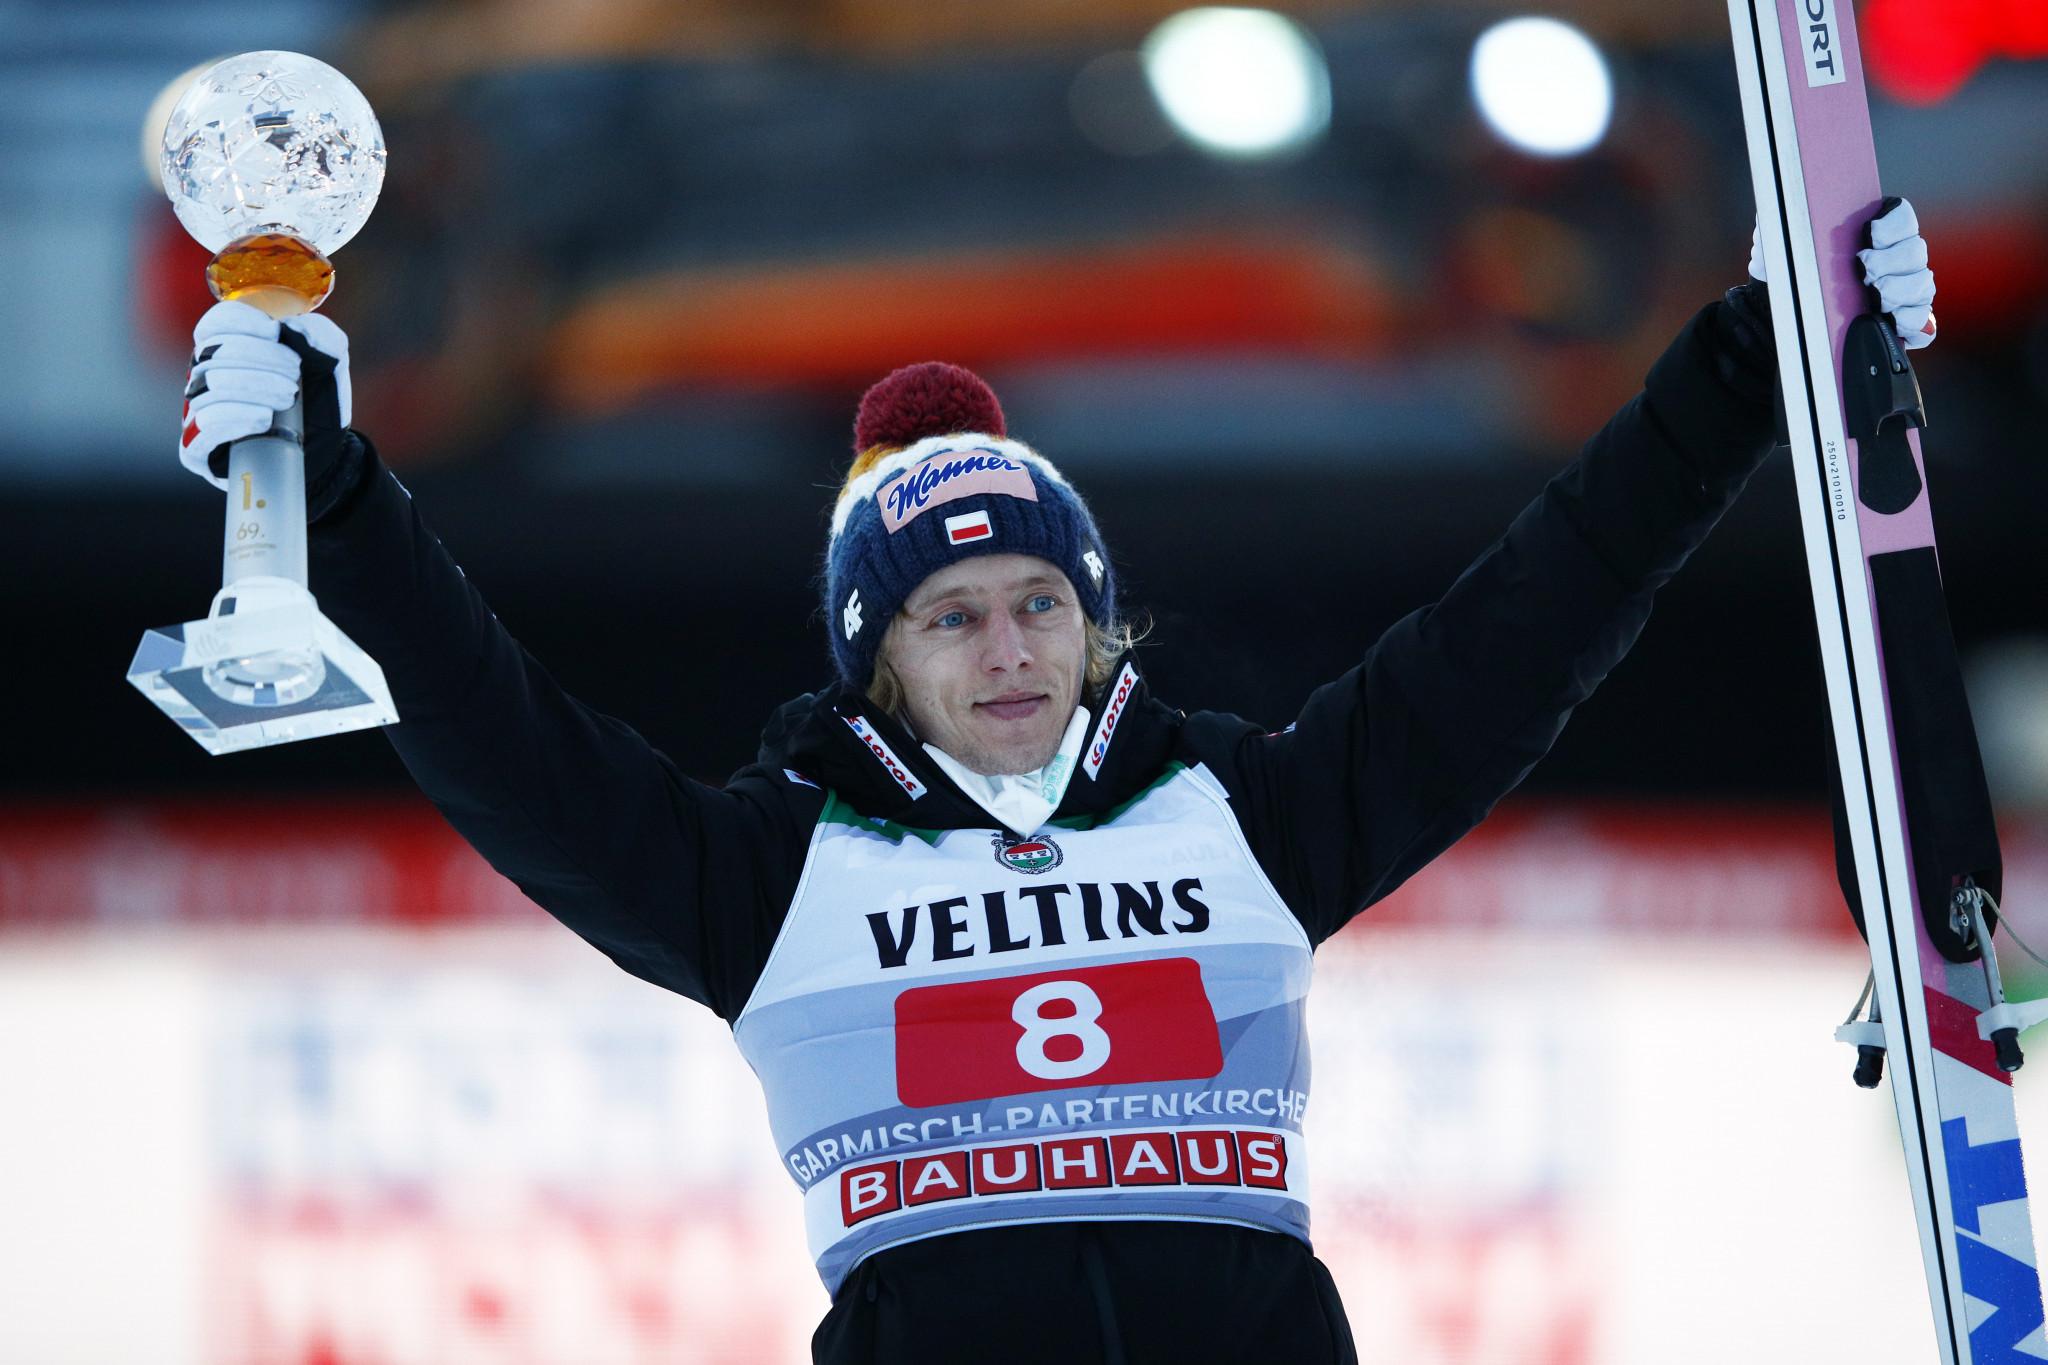 Kubacki breaks hill record at Four Hills Tournament leg in Garmisch-Partenkirchen